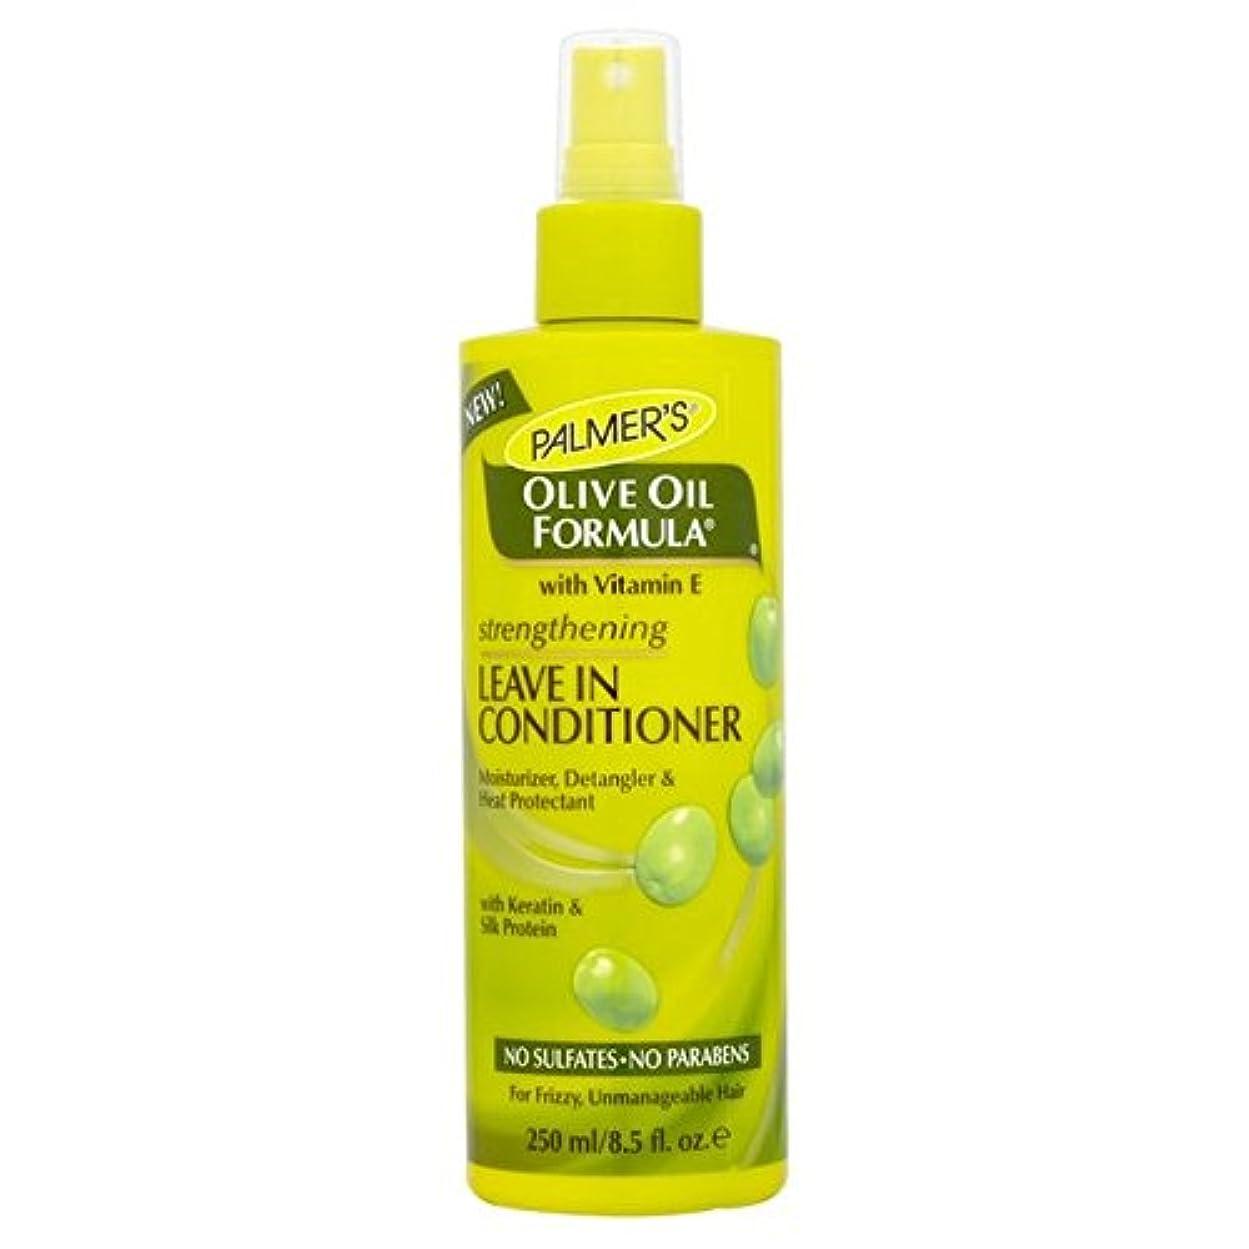 お金ゴムできない個人的なリーブインコンディショナー250を強化パーマーのオリーブオイル式 x4 - Palmer's Olive Oil Formula Strengthening Leave-in Conditioner 250ml (Pack...